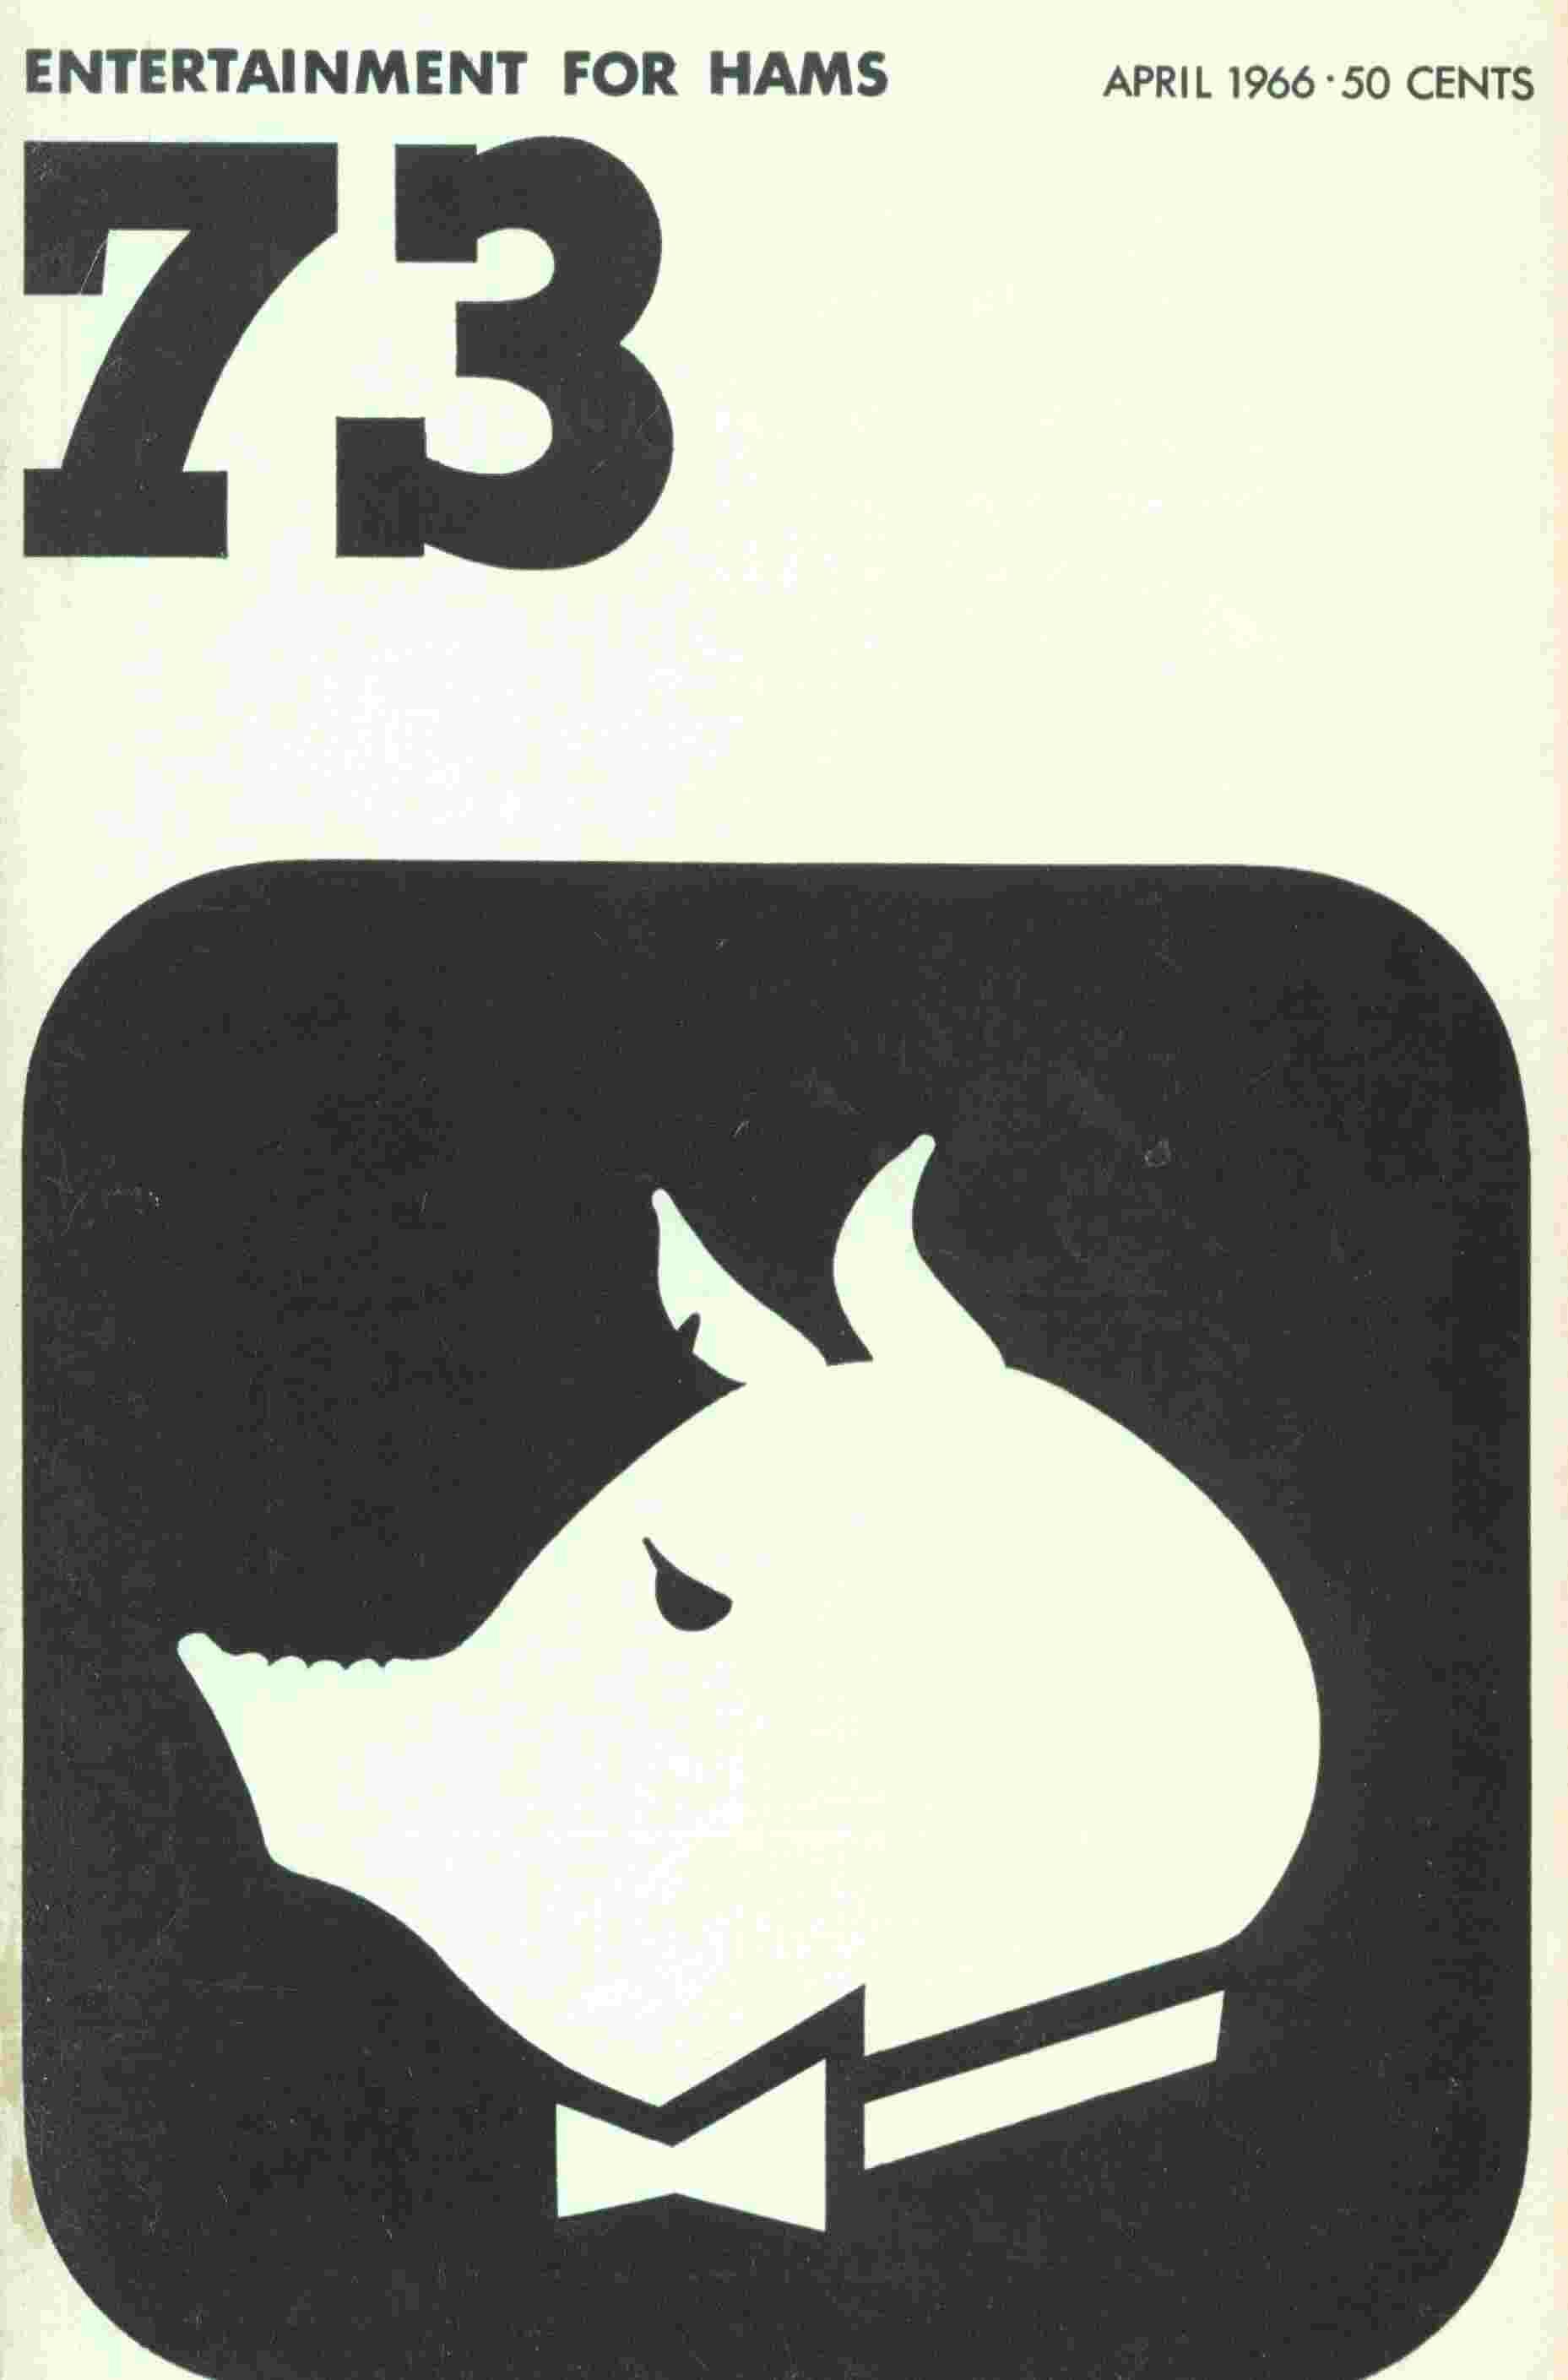 73 Magazine Parody Covers Ve3ips